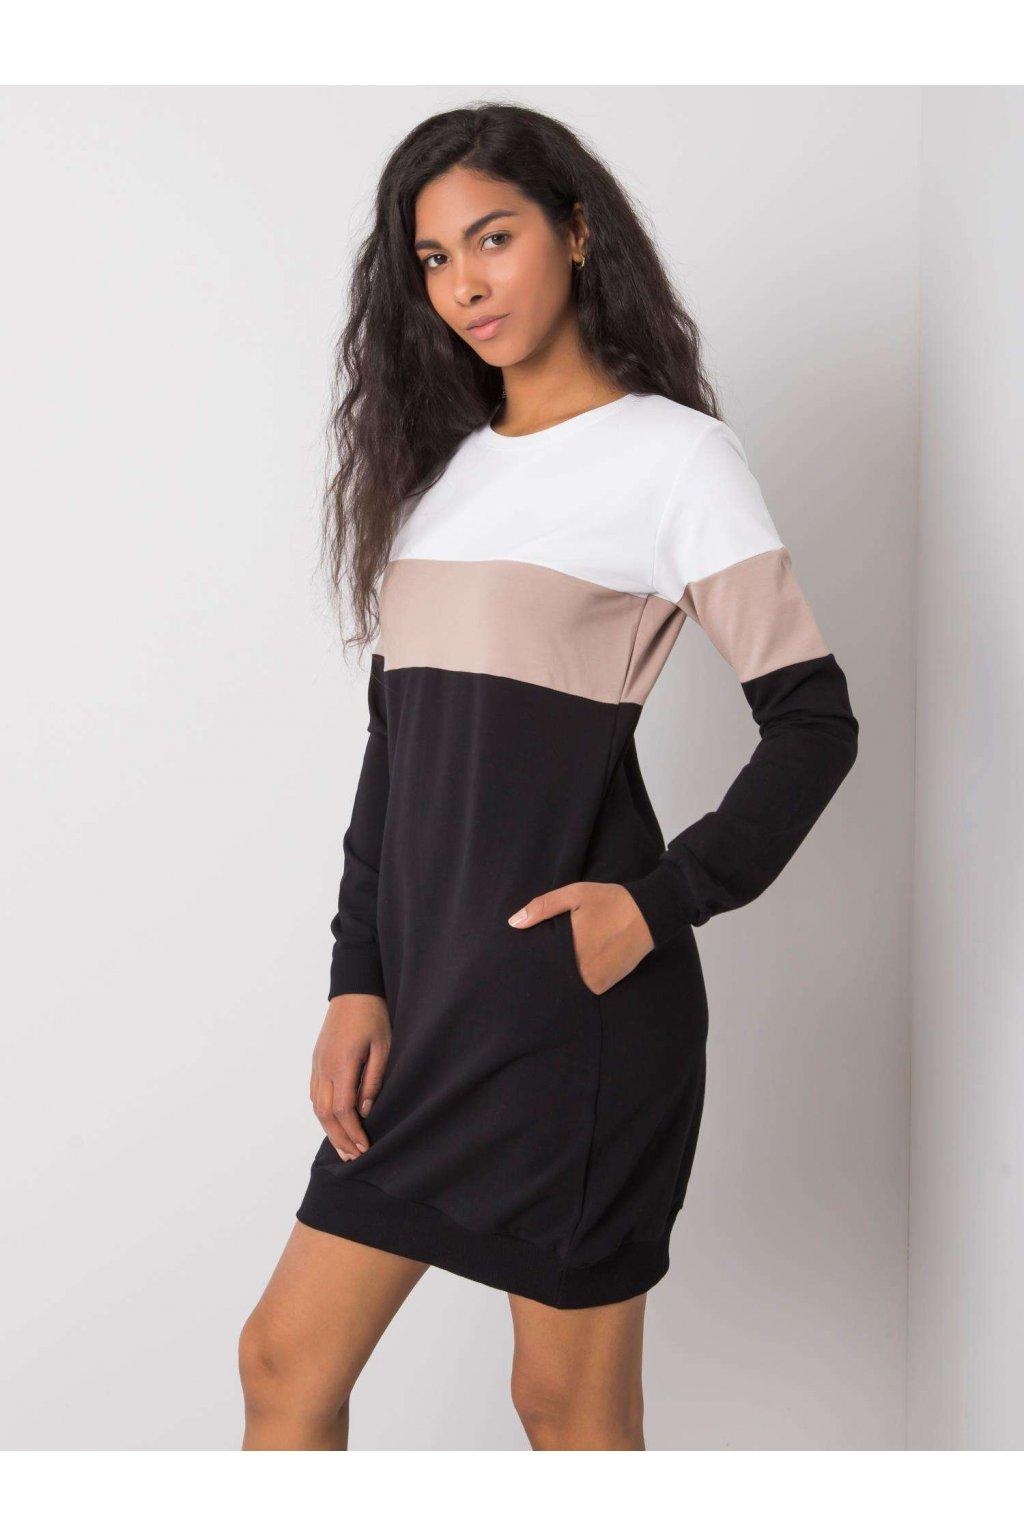 pol pl Bialo czarna sukienka Feliciana RUE PARIS 364939 1